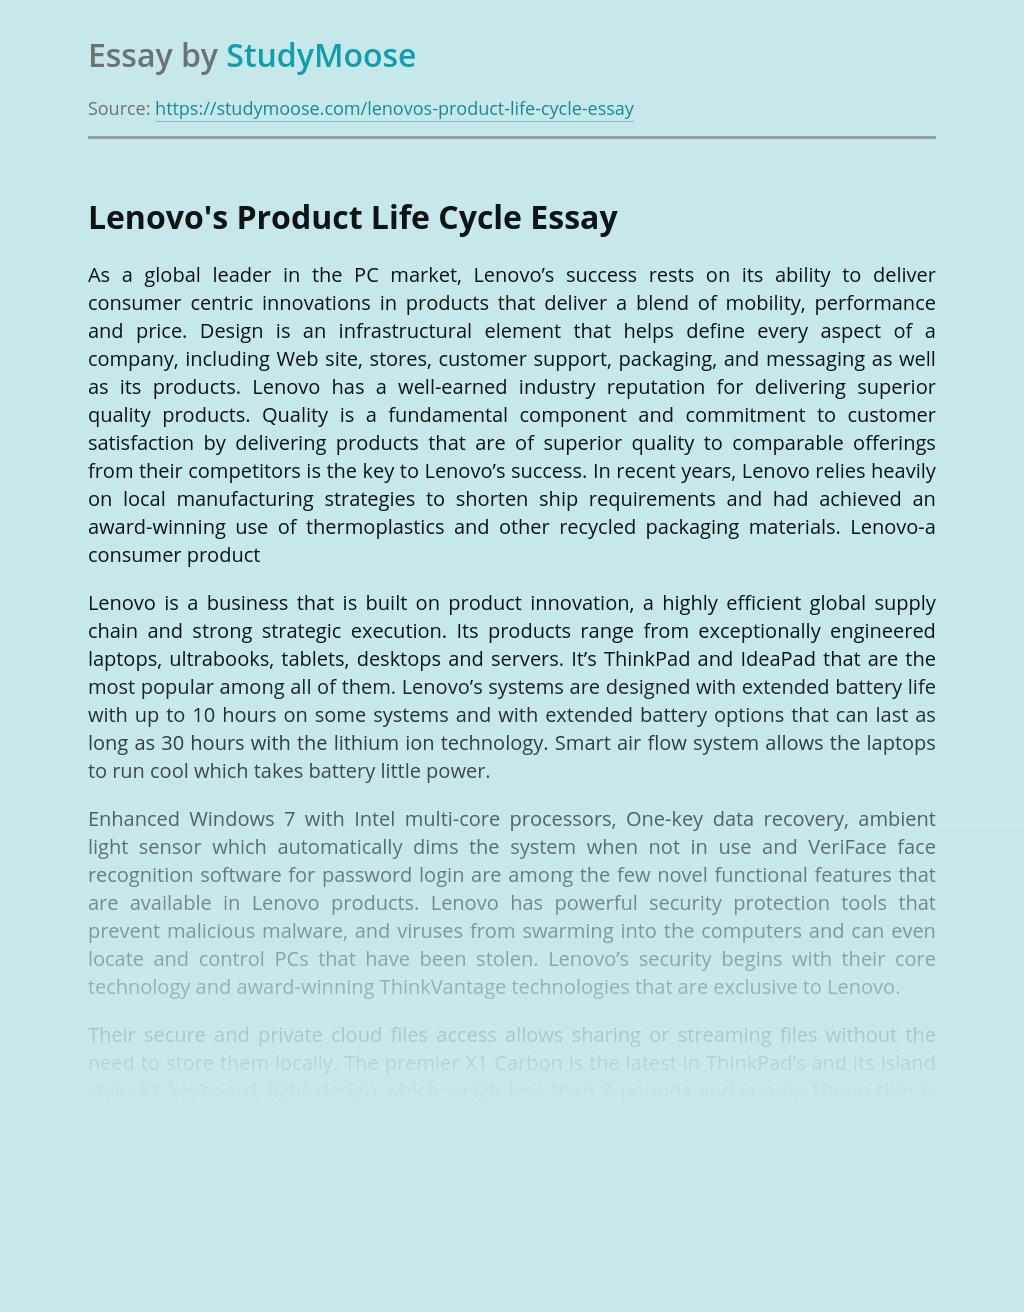 Lenovo's Product Life Cycle